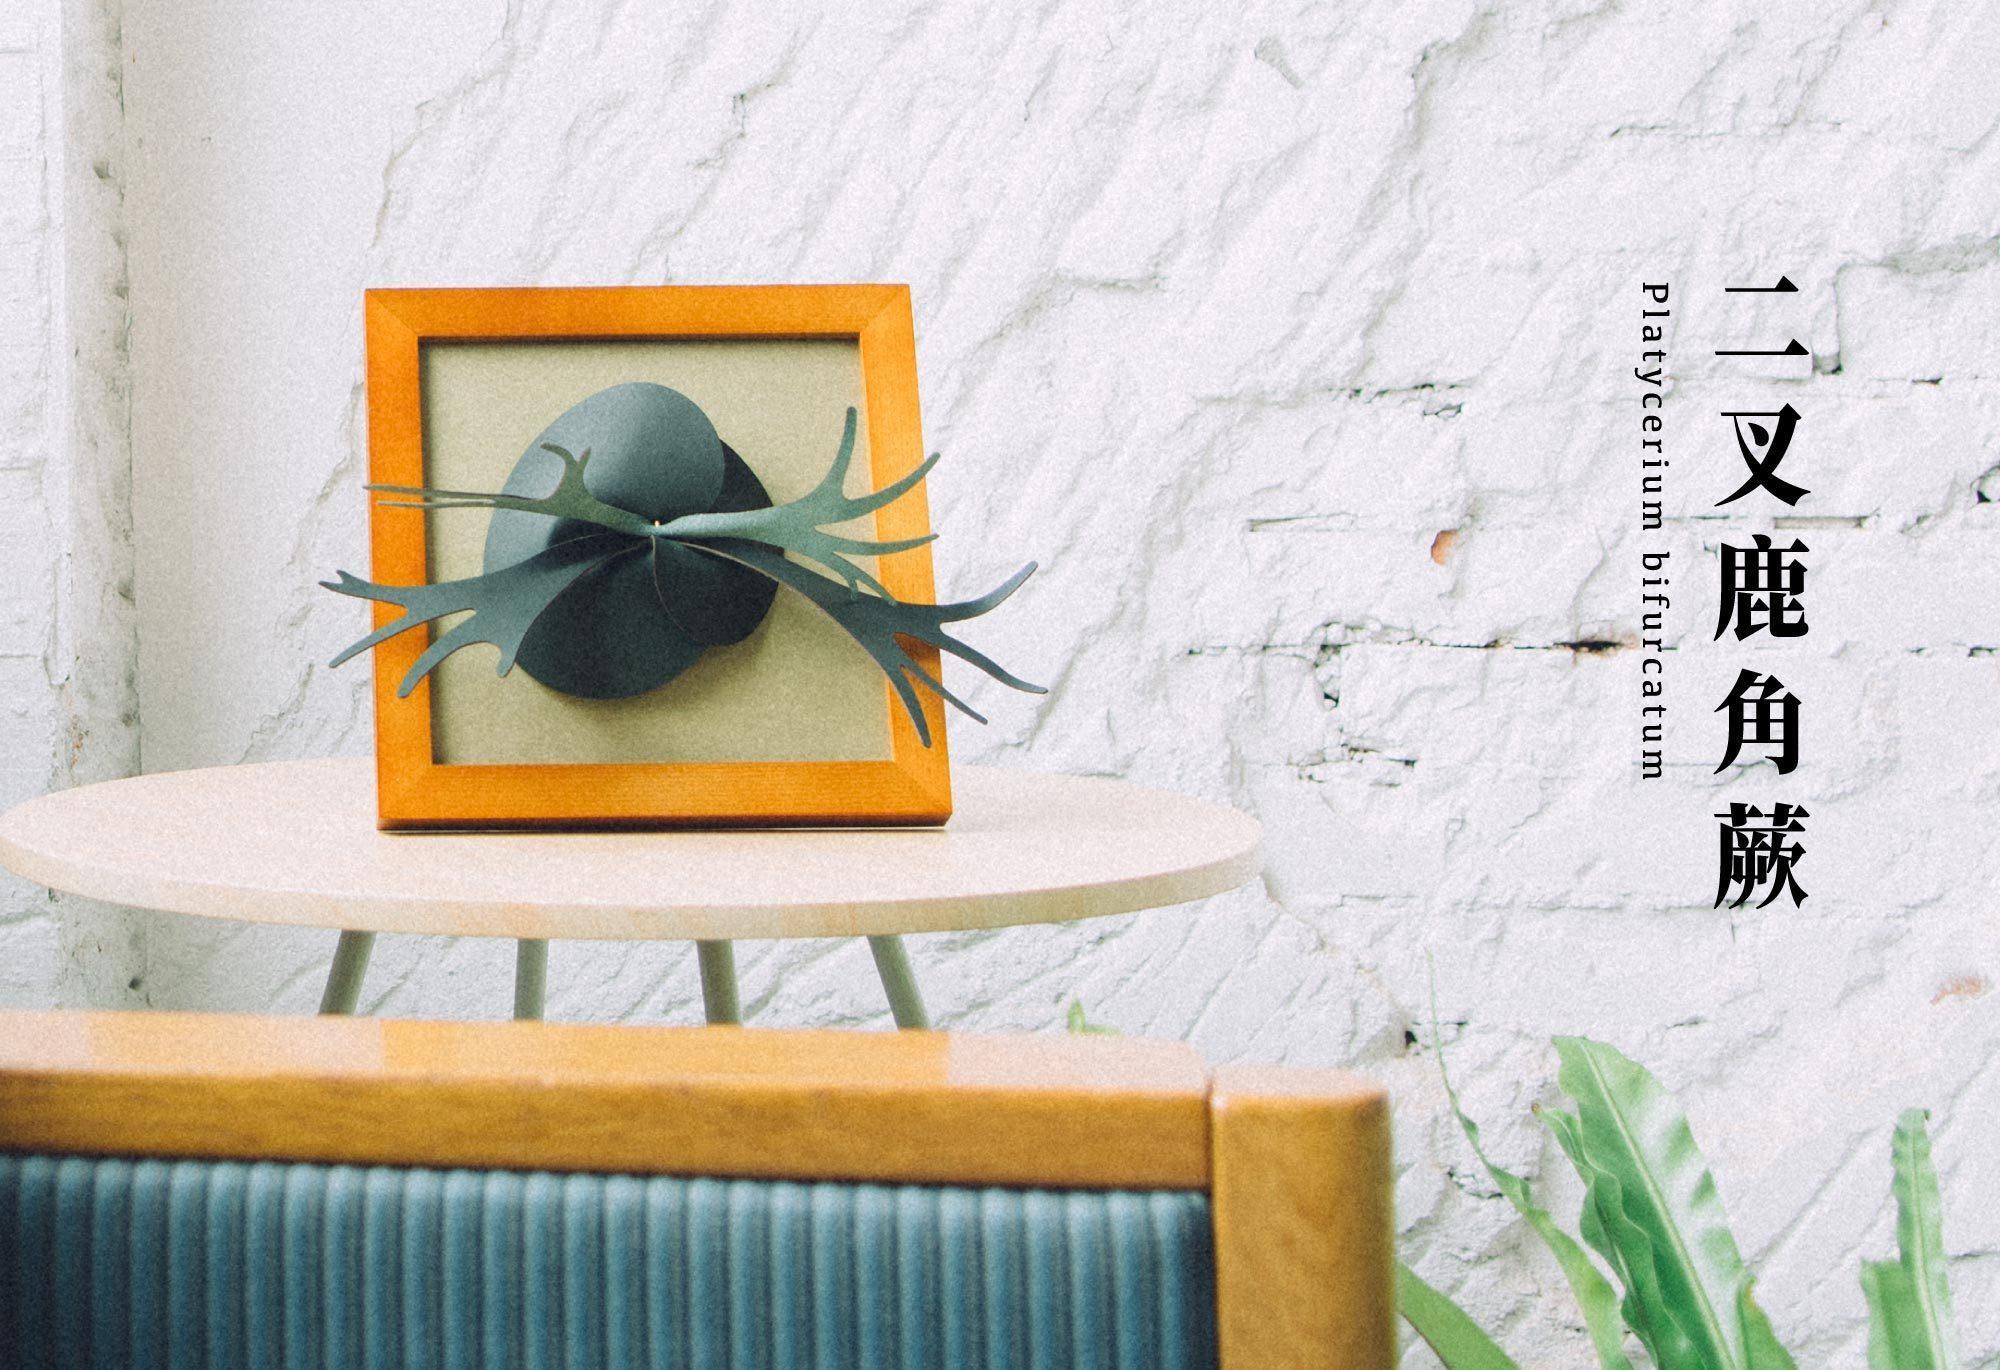 二叉鹿角蕨放置於床邊,一早起來恬淡清新的香氛讓人精神奕奕